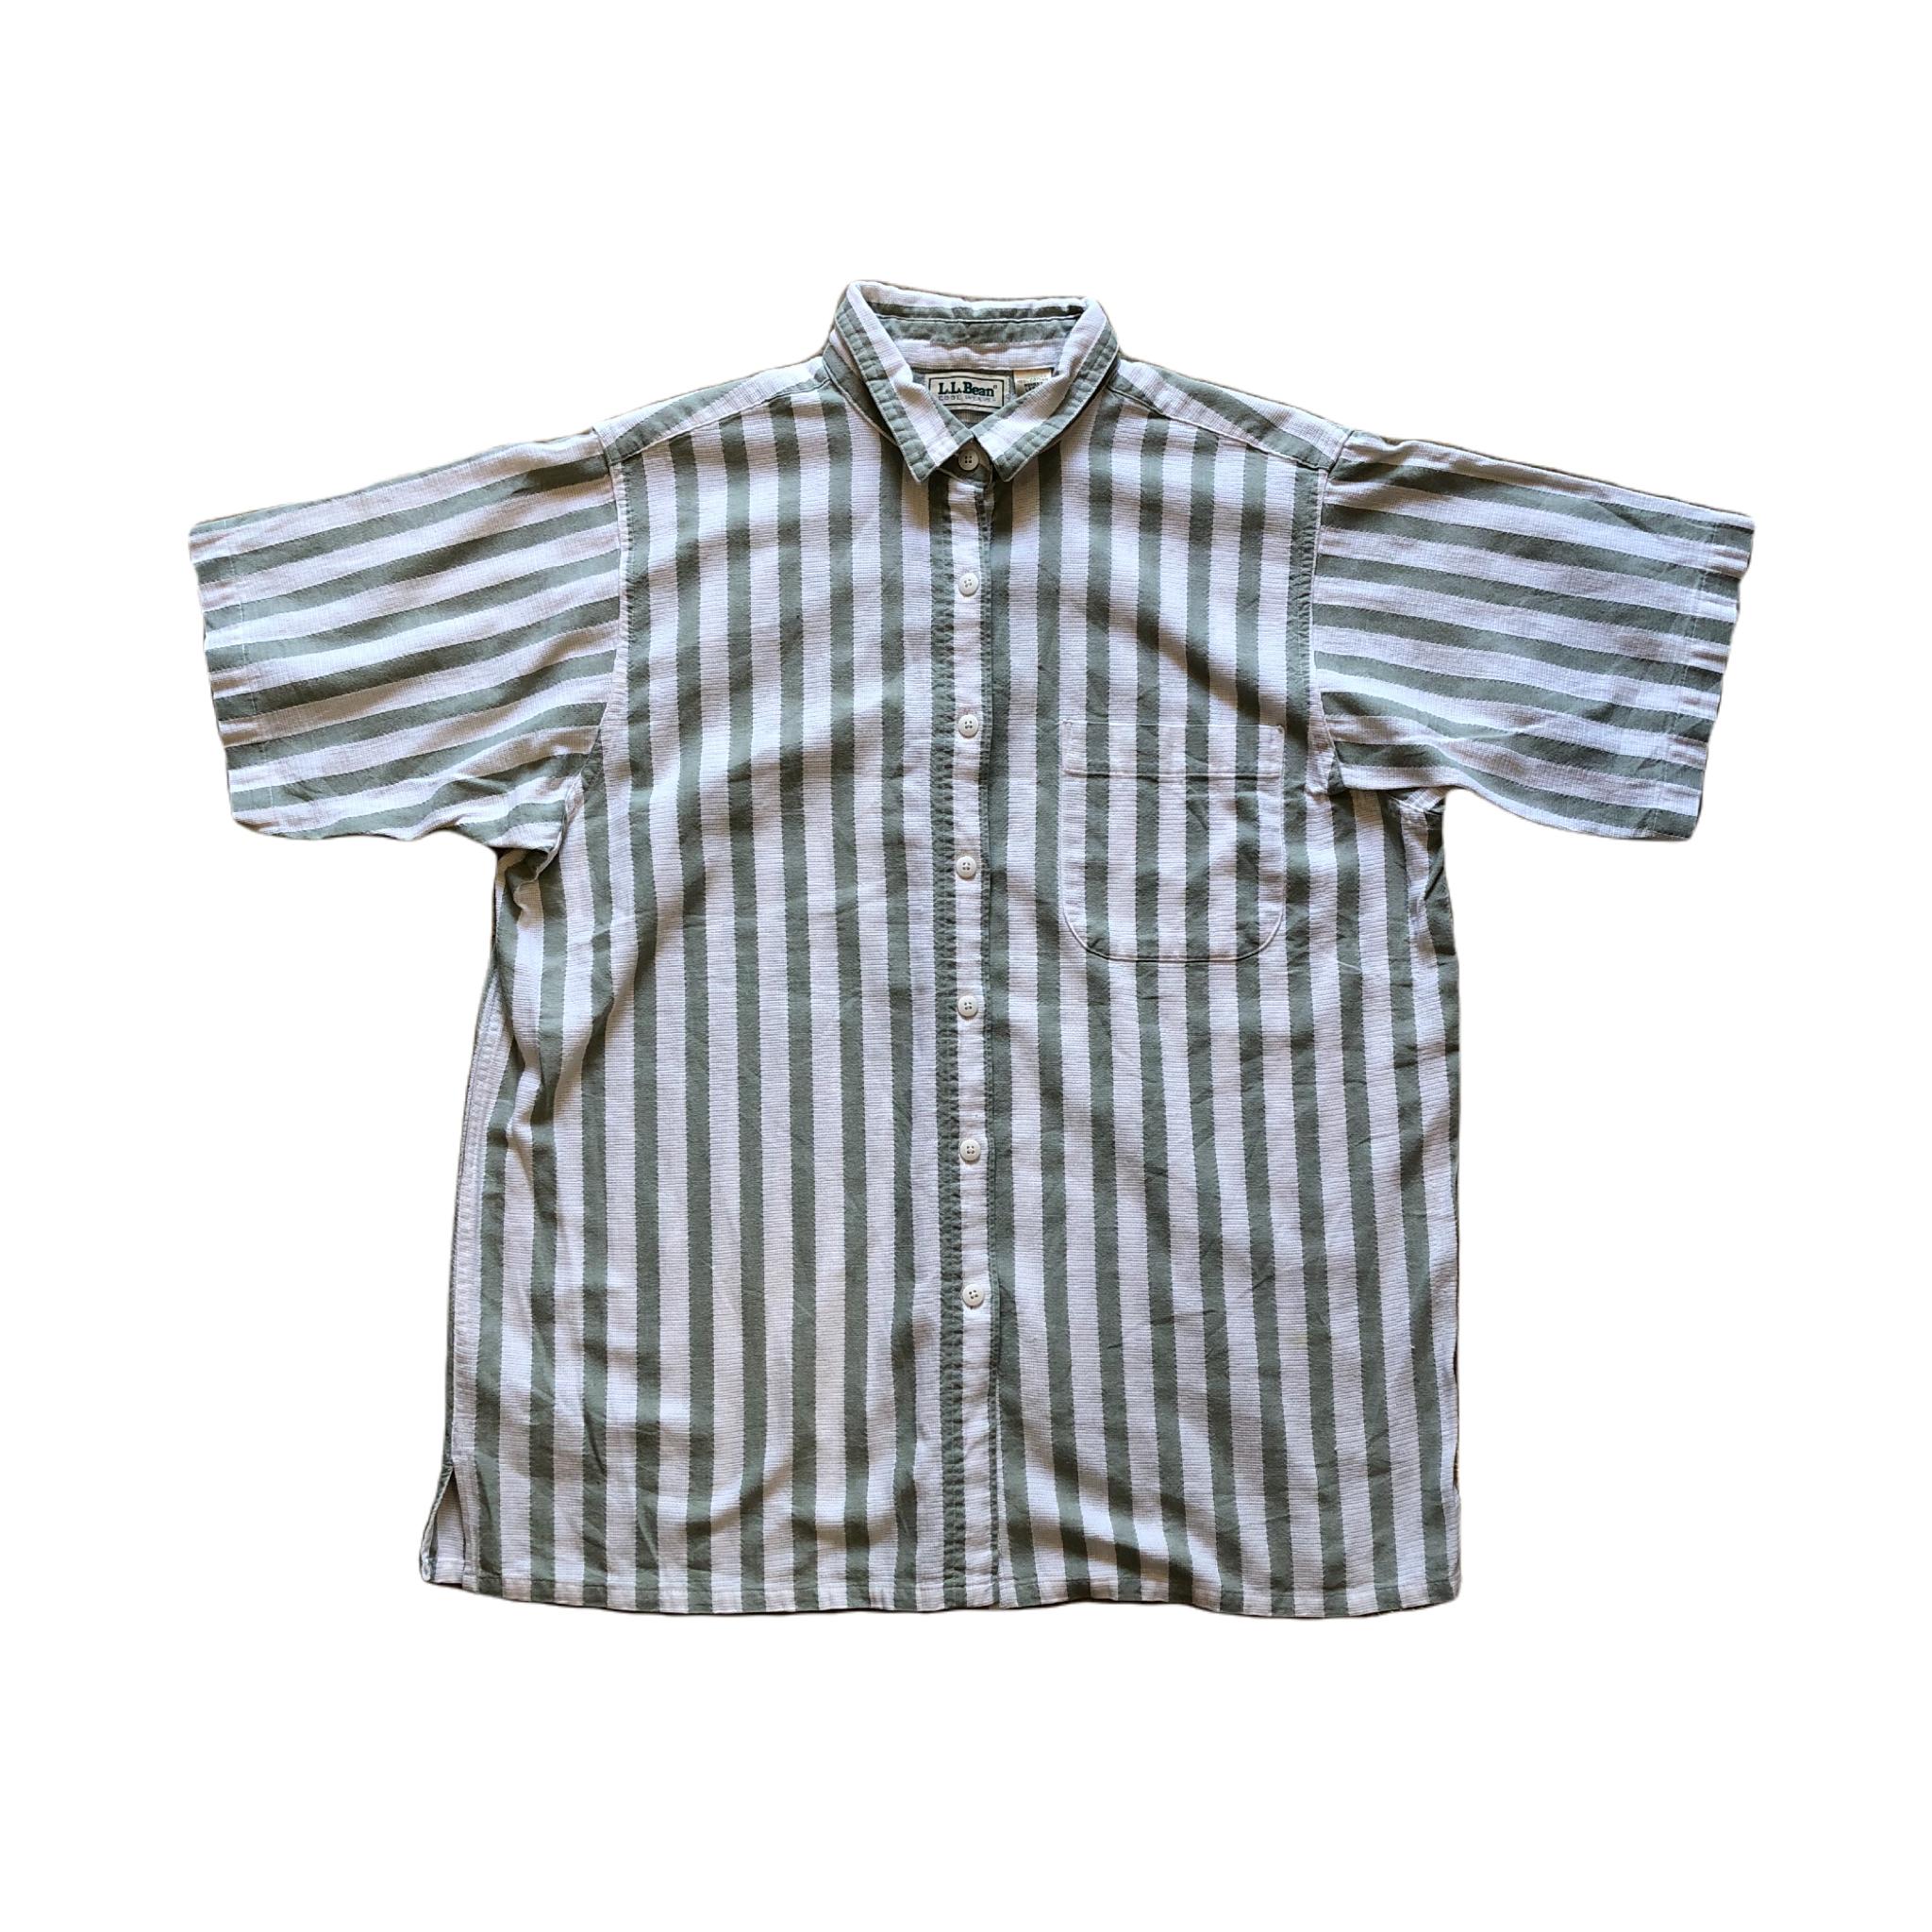 LLBean Stripe S/S Shirts ¥5,800+tax